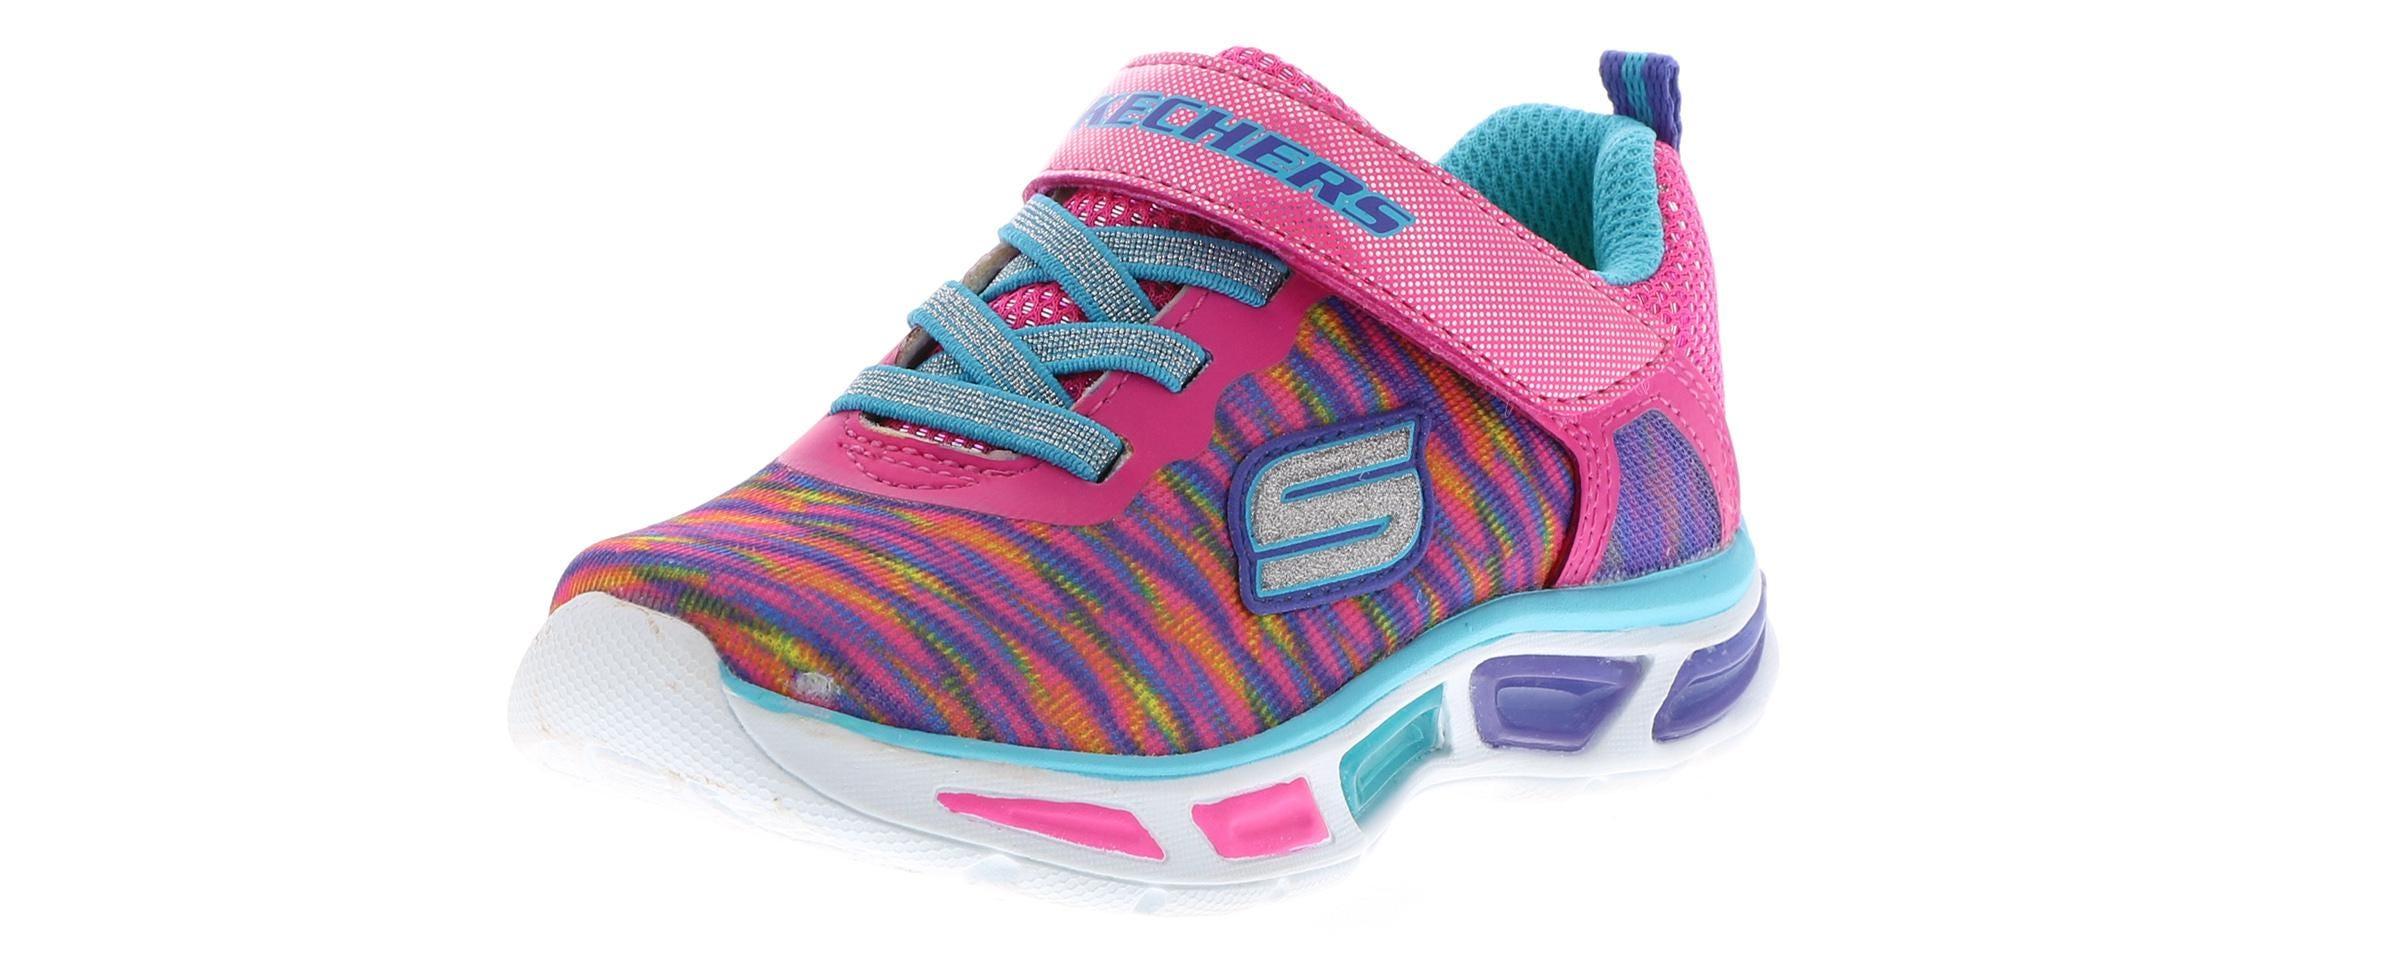 Kid's Skechers Lightbeams Colorburst (5 10) Multi Sko  Shoe